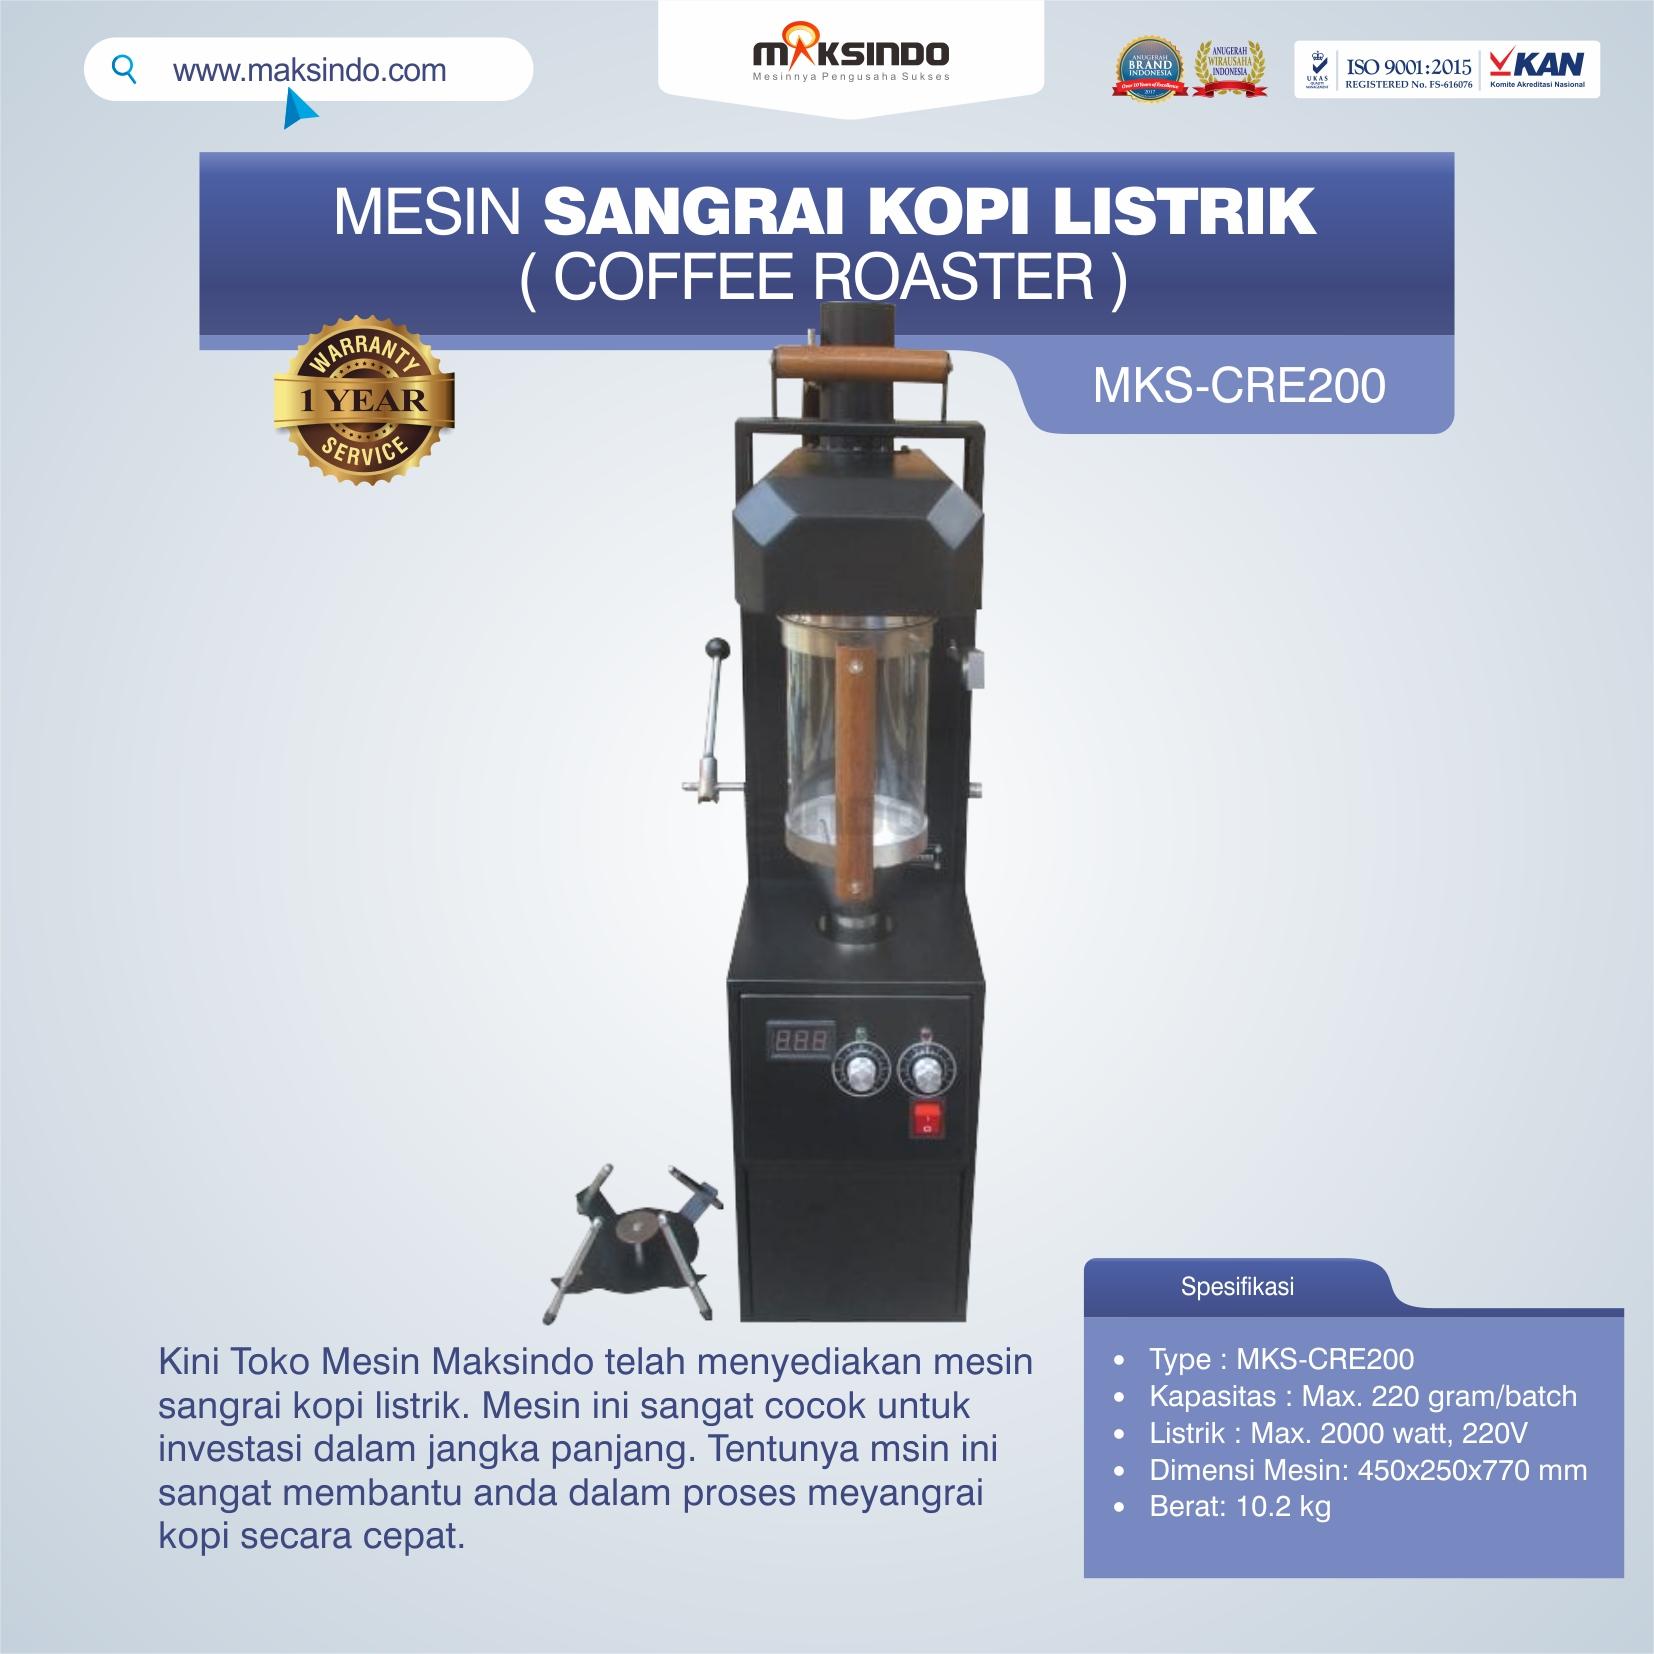 Jual Mesin Sangrai Kopi Listrik (Coffee Roaster) MKS-CRE200 di Medan